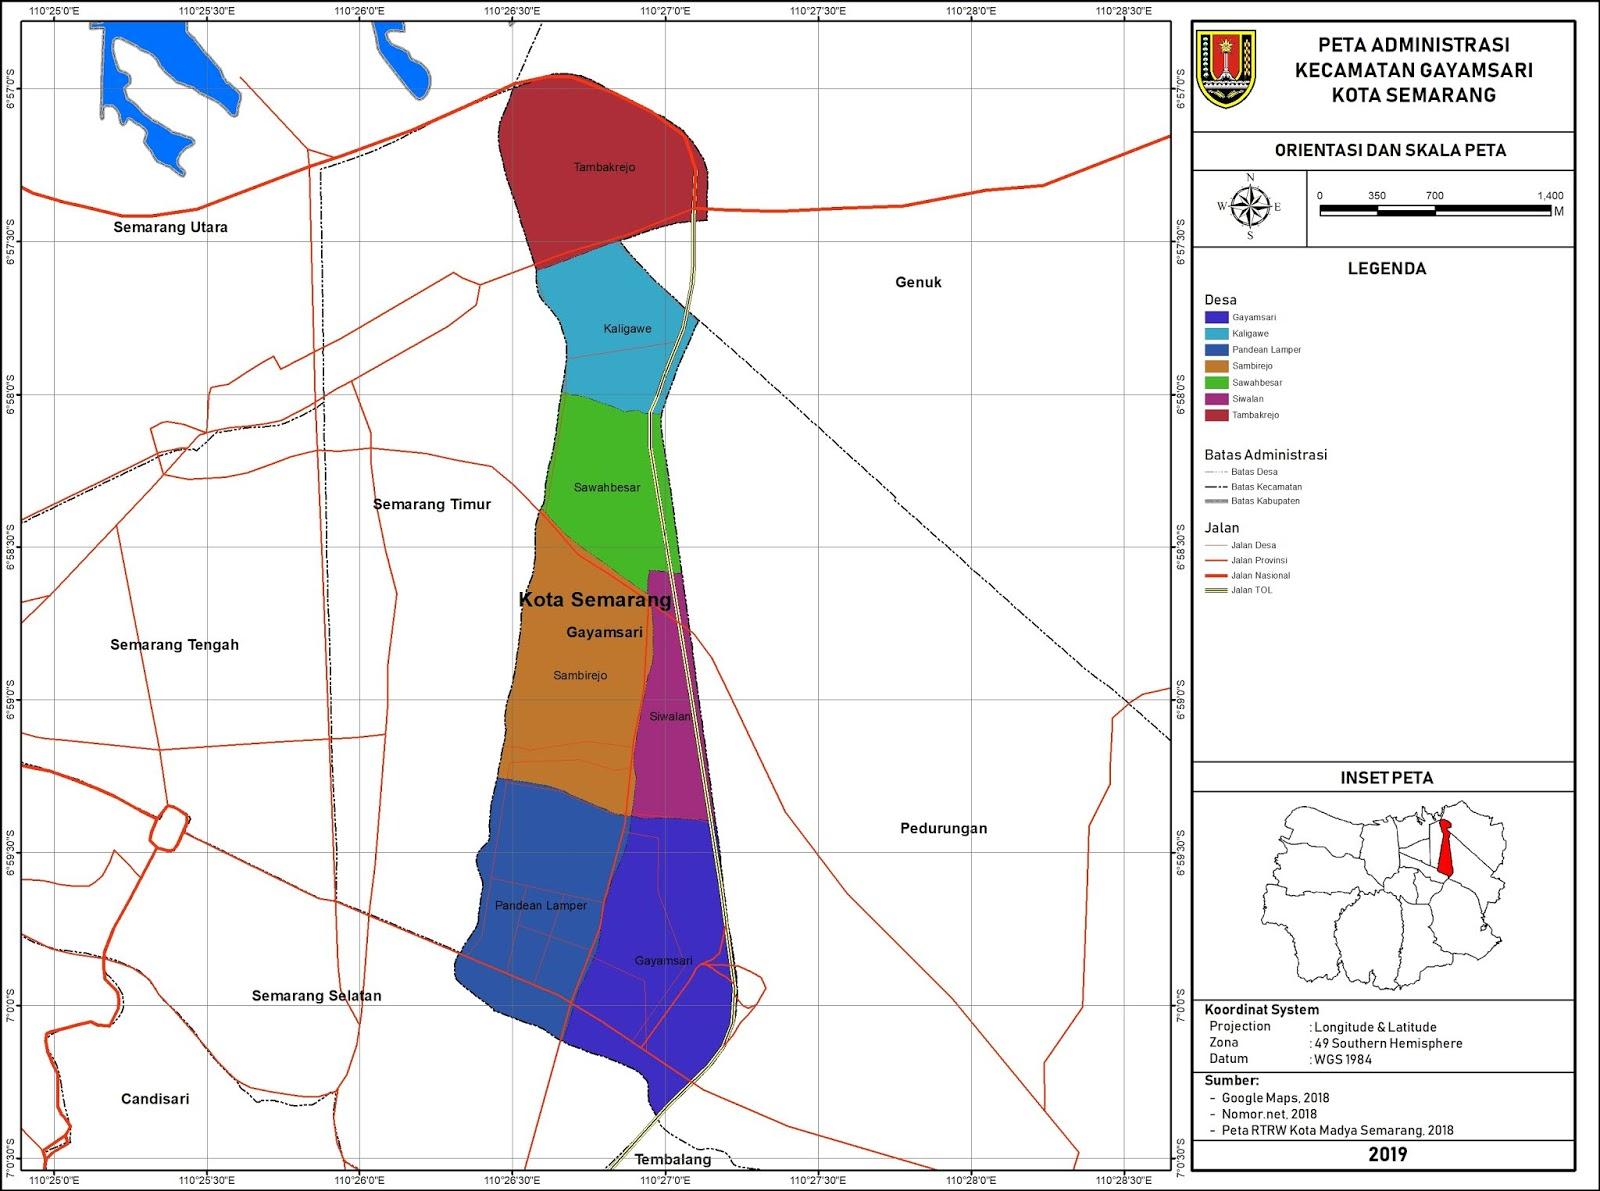 Peta Administrasi Kecamatan Gayamsari, Kota Semarang ...